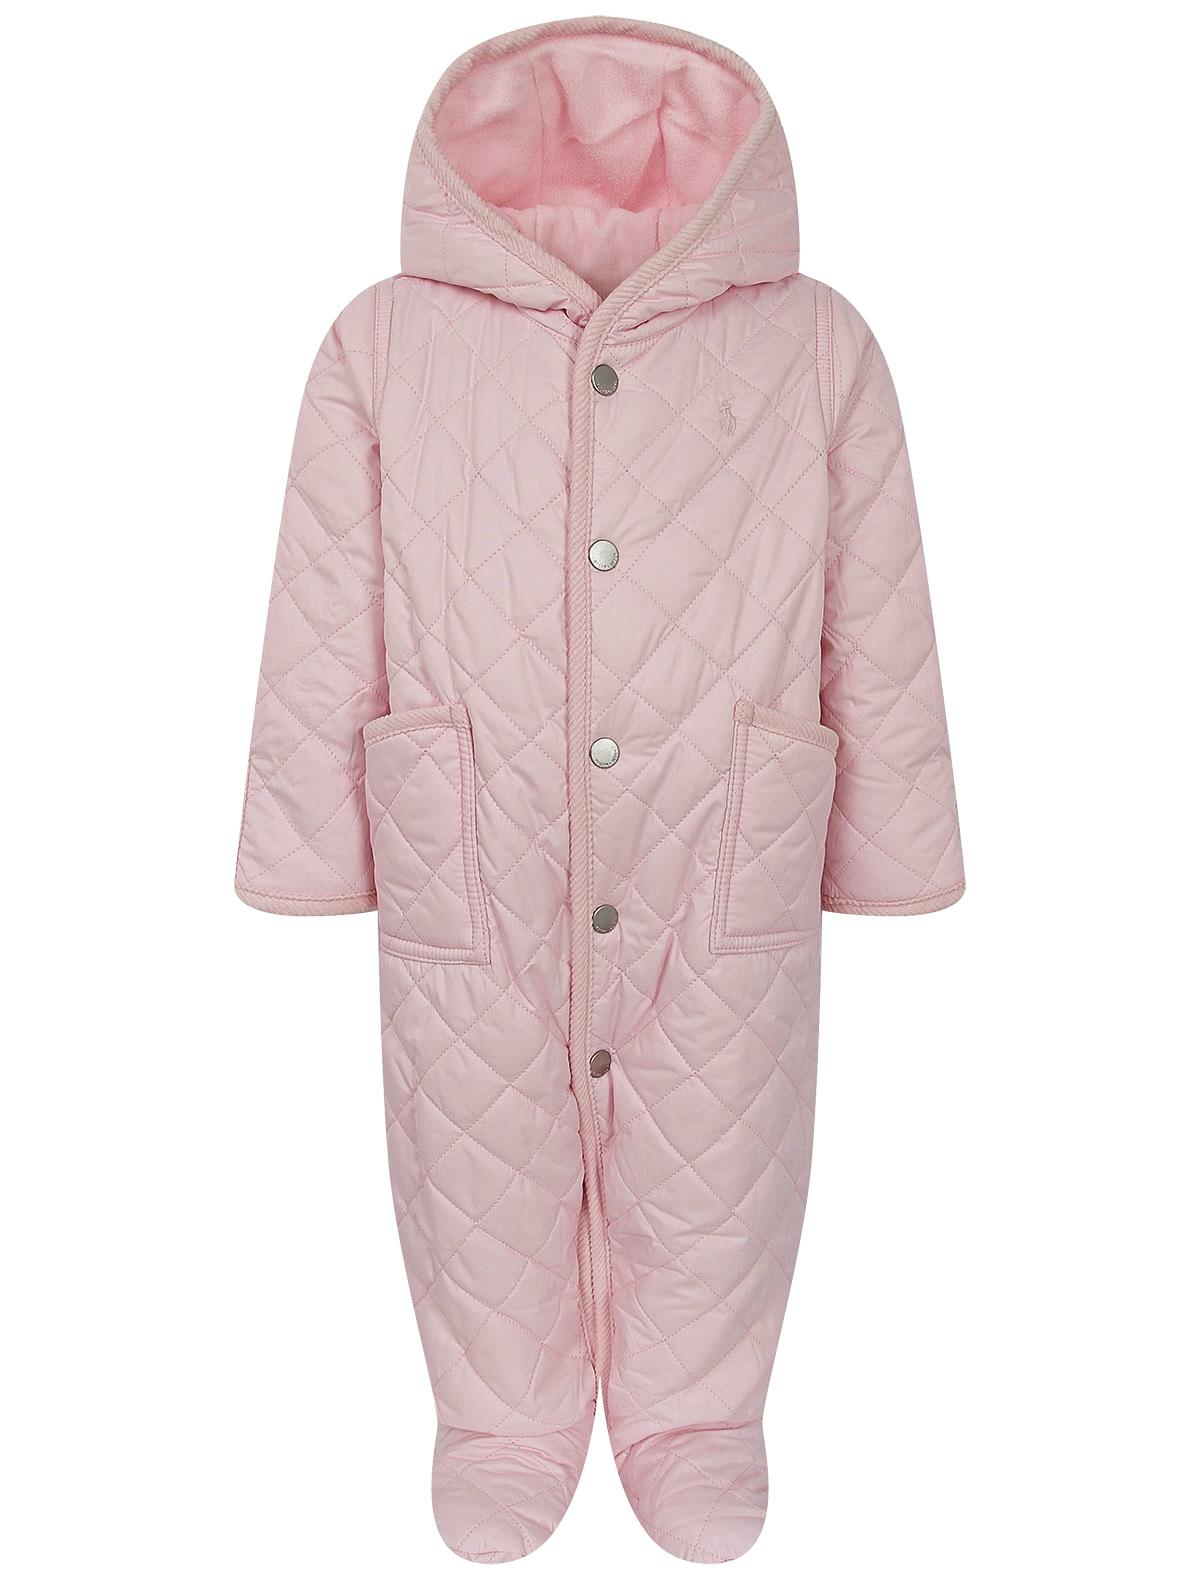 Купить 2263502, Комбинезон утепленный Ralph Lauren, розовый, Женский, 1594509081039